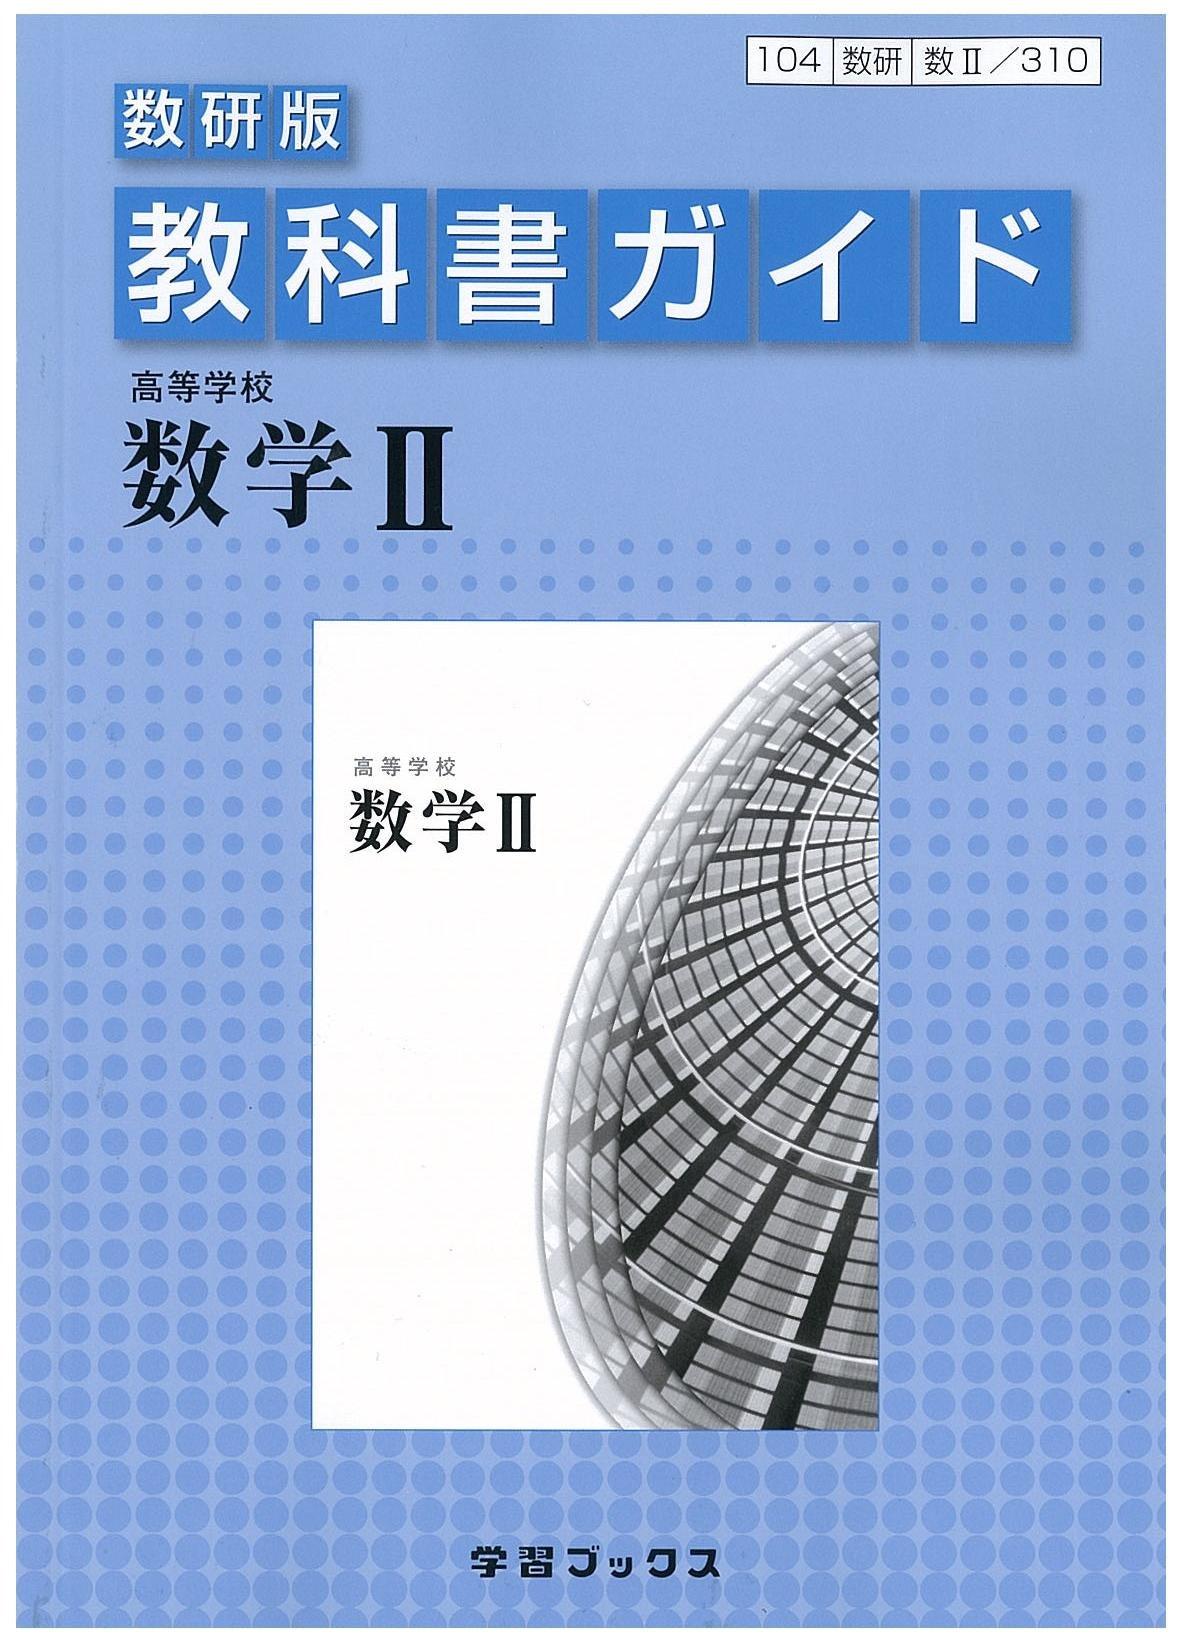 出版 数 2 研 327 数学 教科書 答え 数学1 教科書